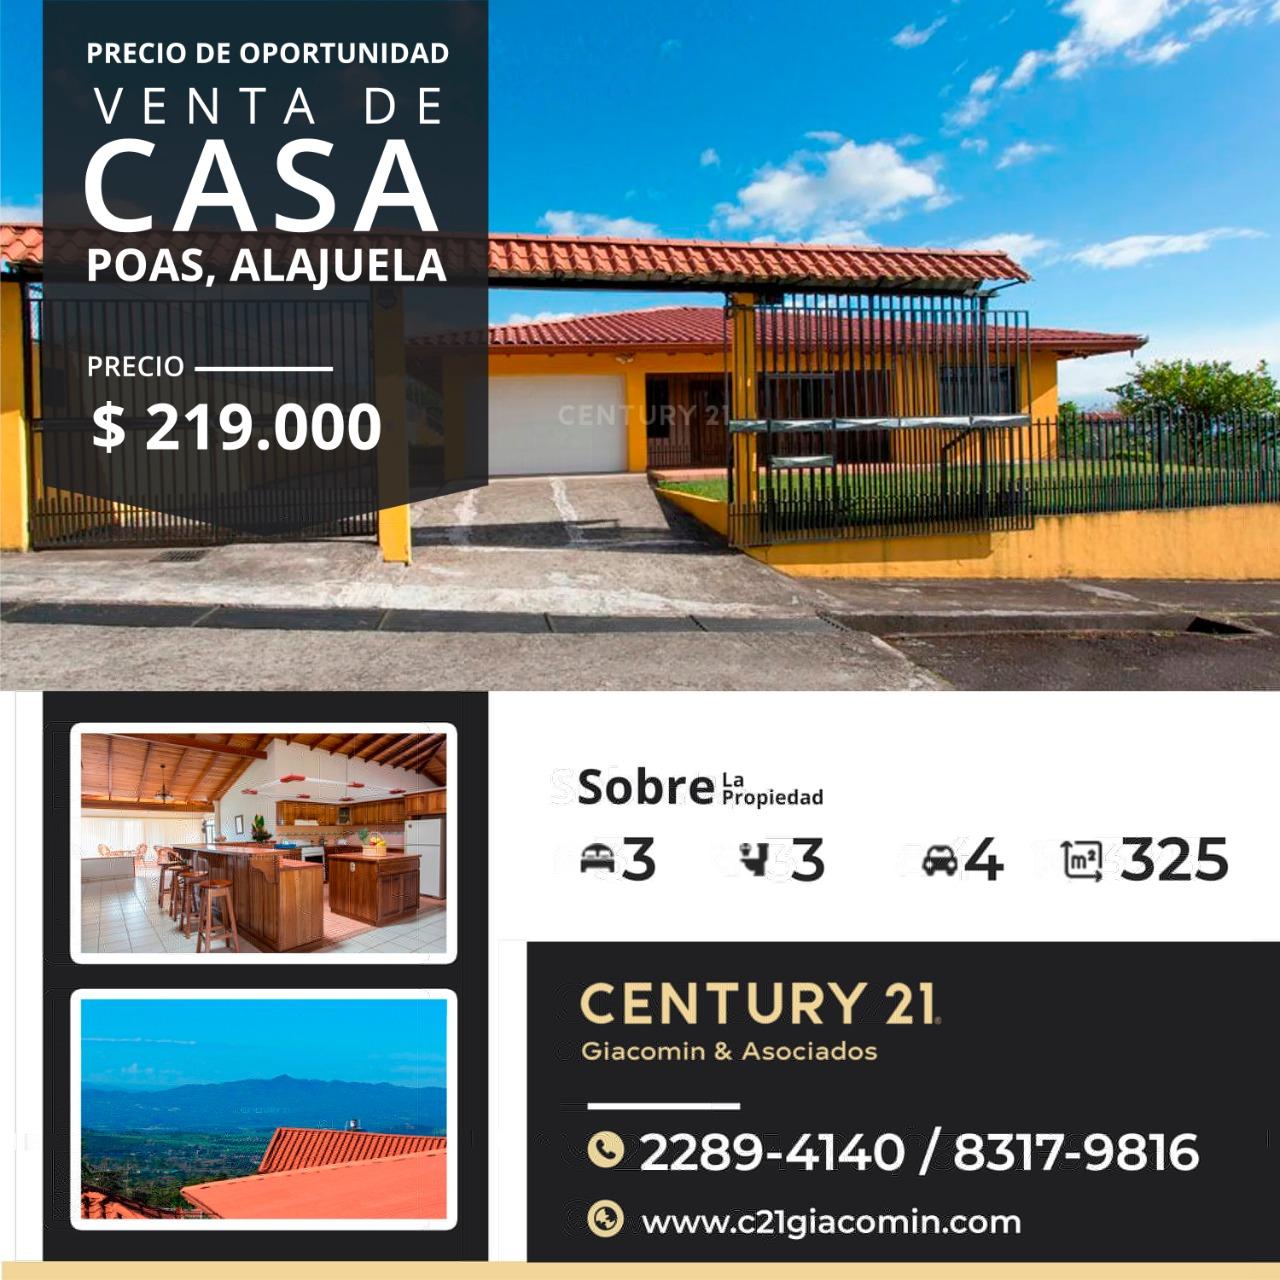 ¡Venta de bella casa en Poas Alajuela, con vistas espectaculares!